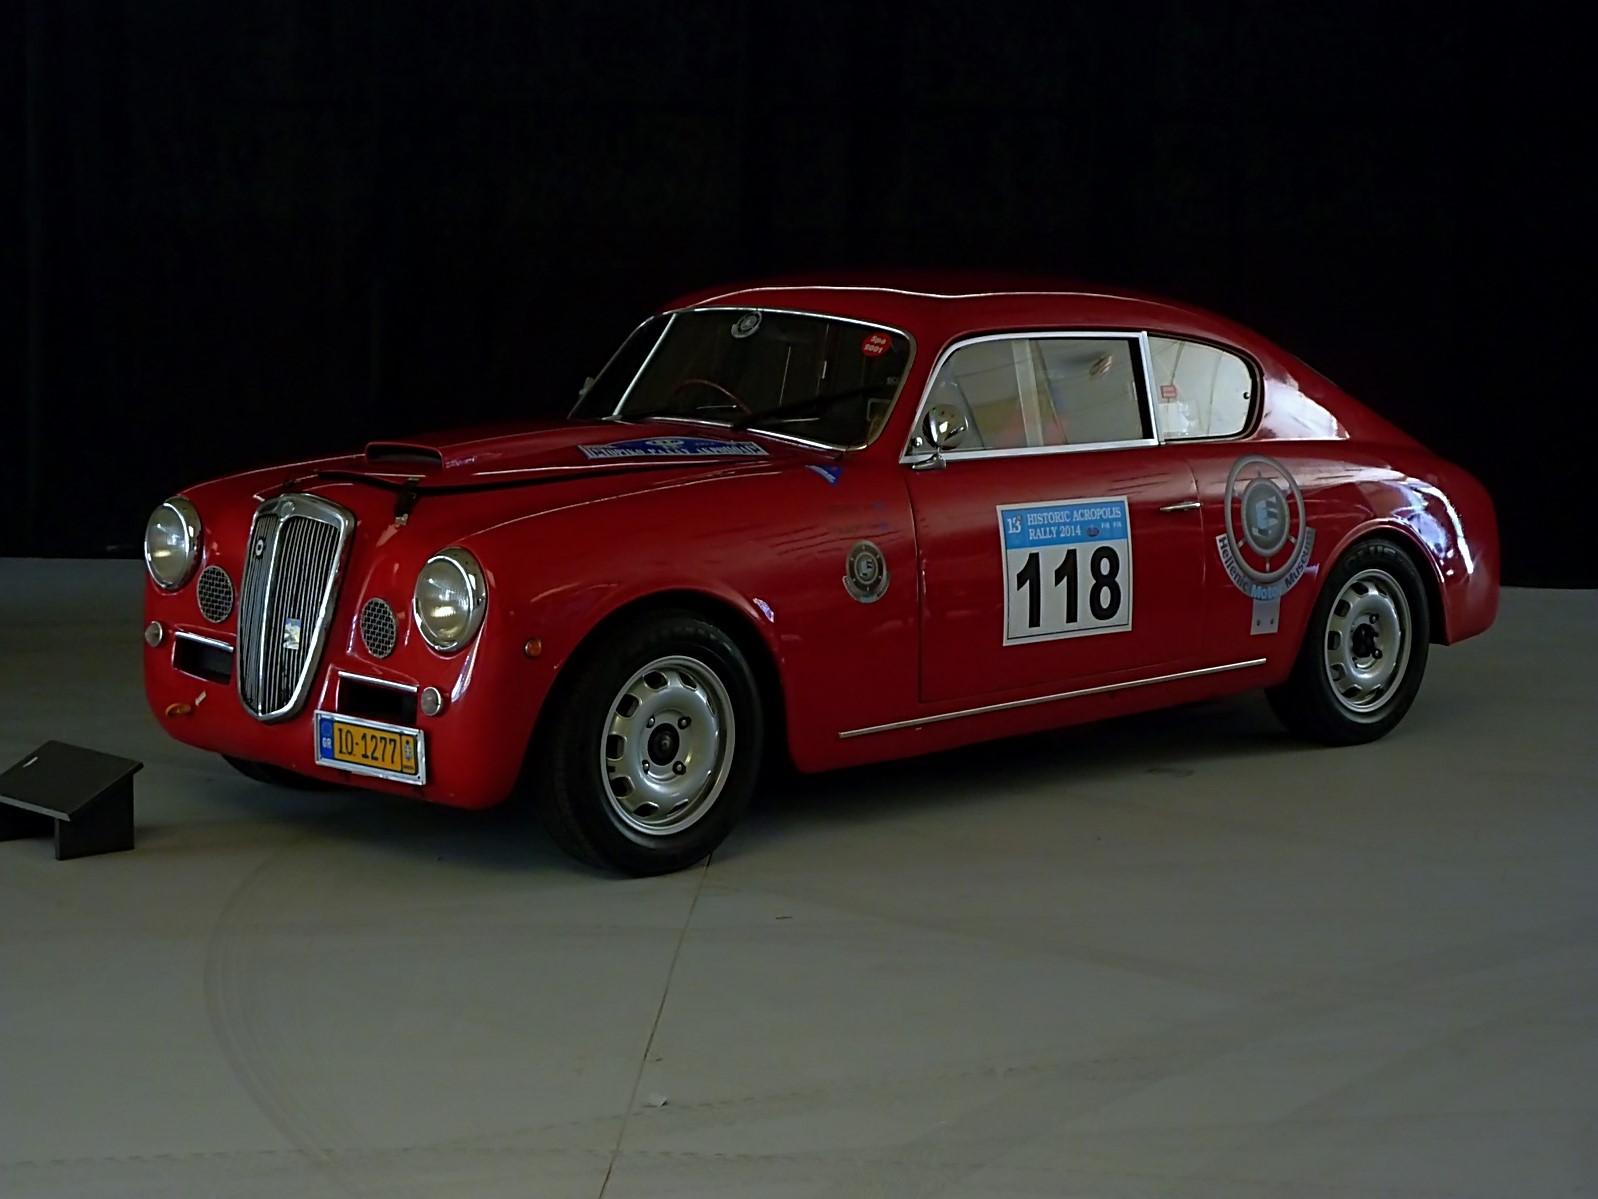 1953 Lancia Aurelia B24 ex L (23)